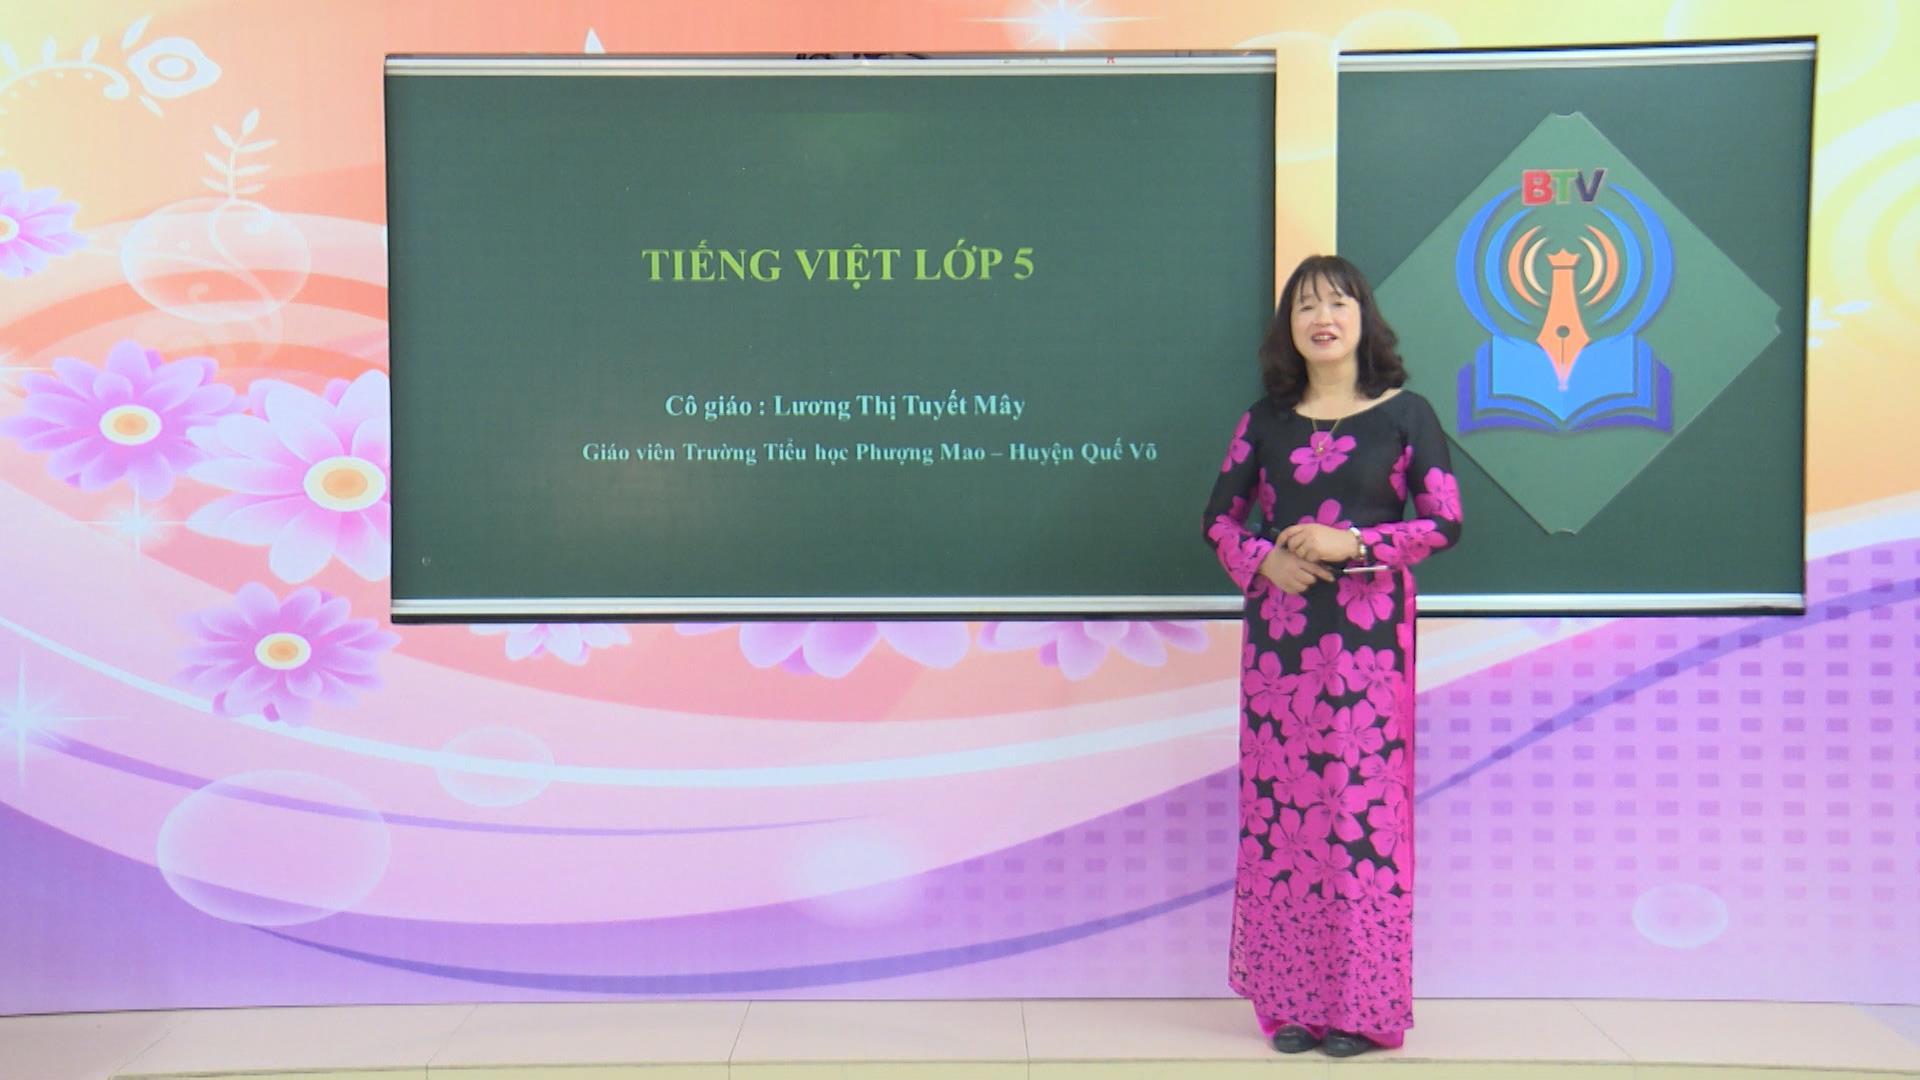 Tiếng Việt lớp 5 số 5